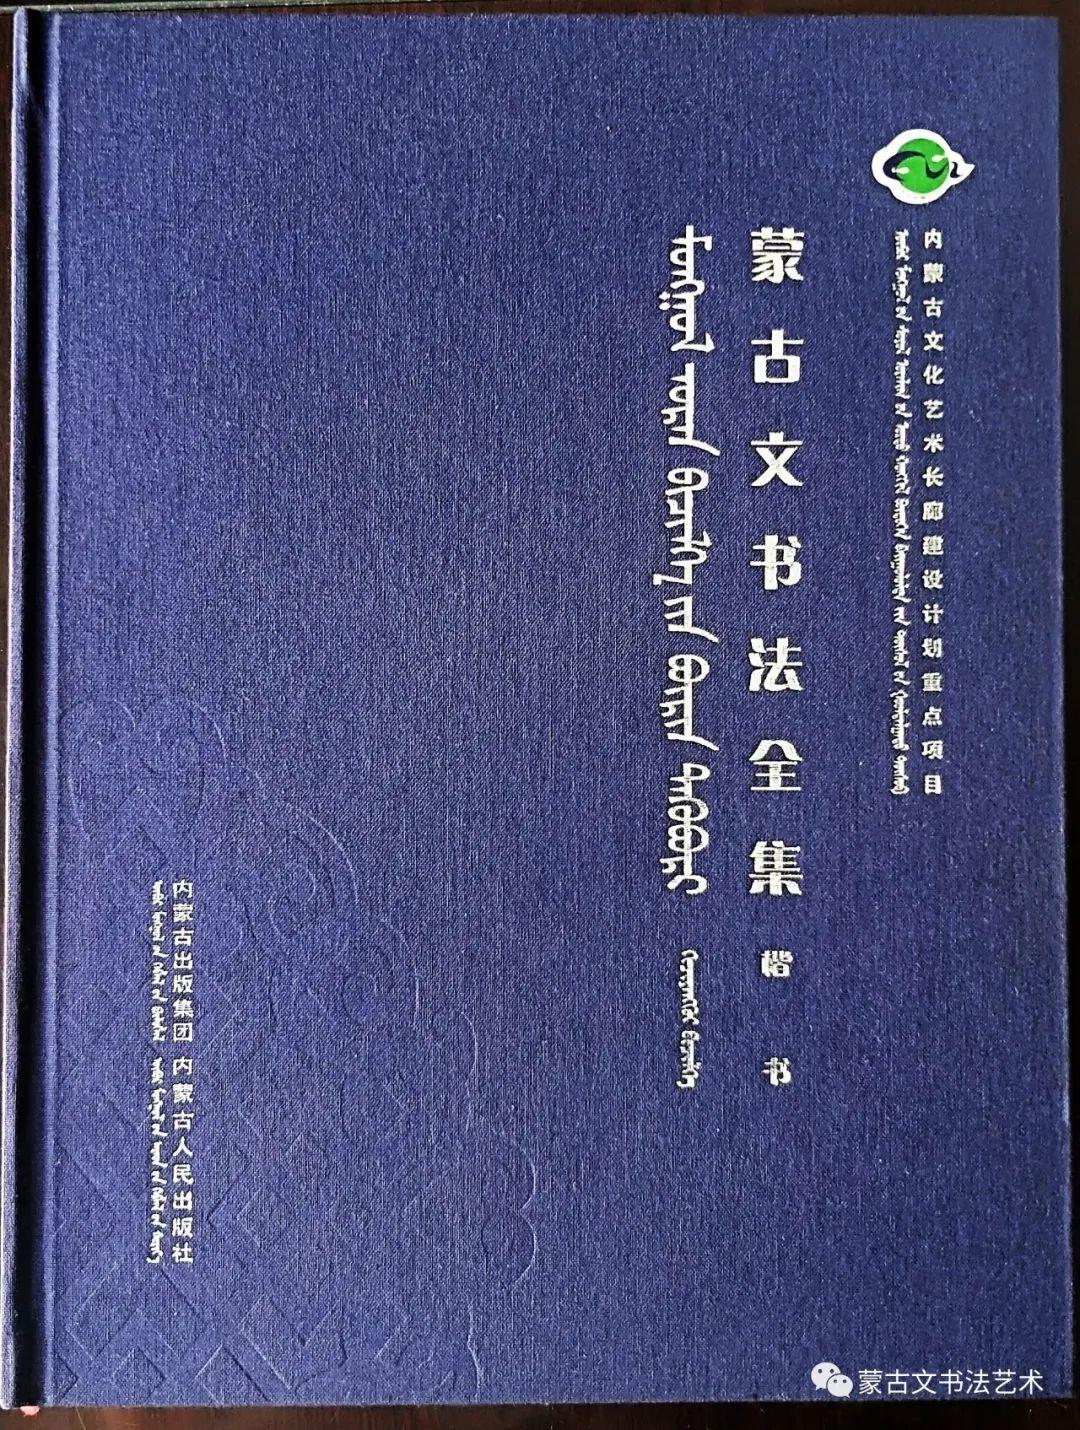 蒙古文书法全集 第5张